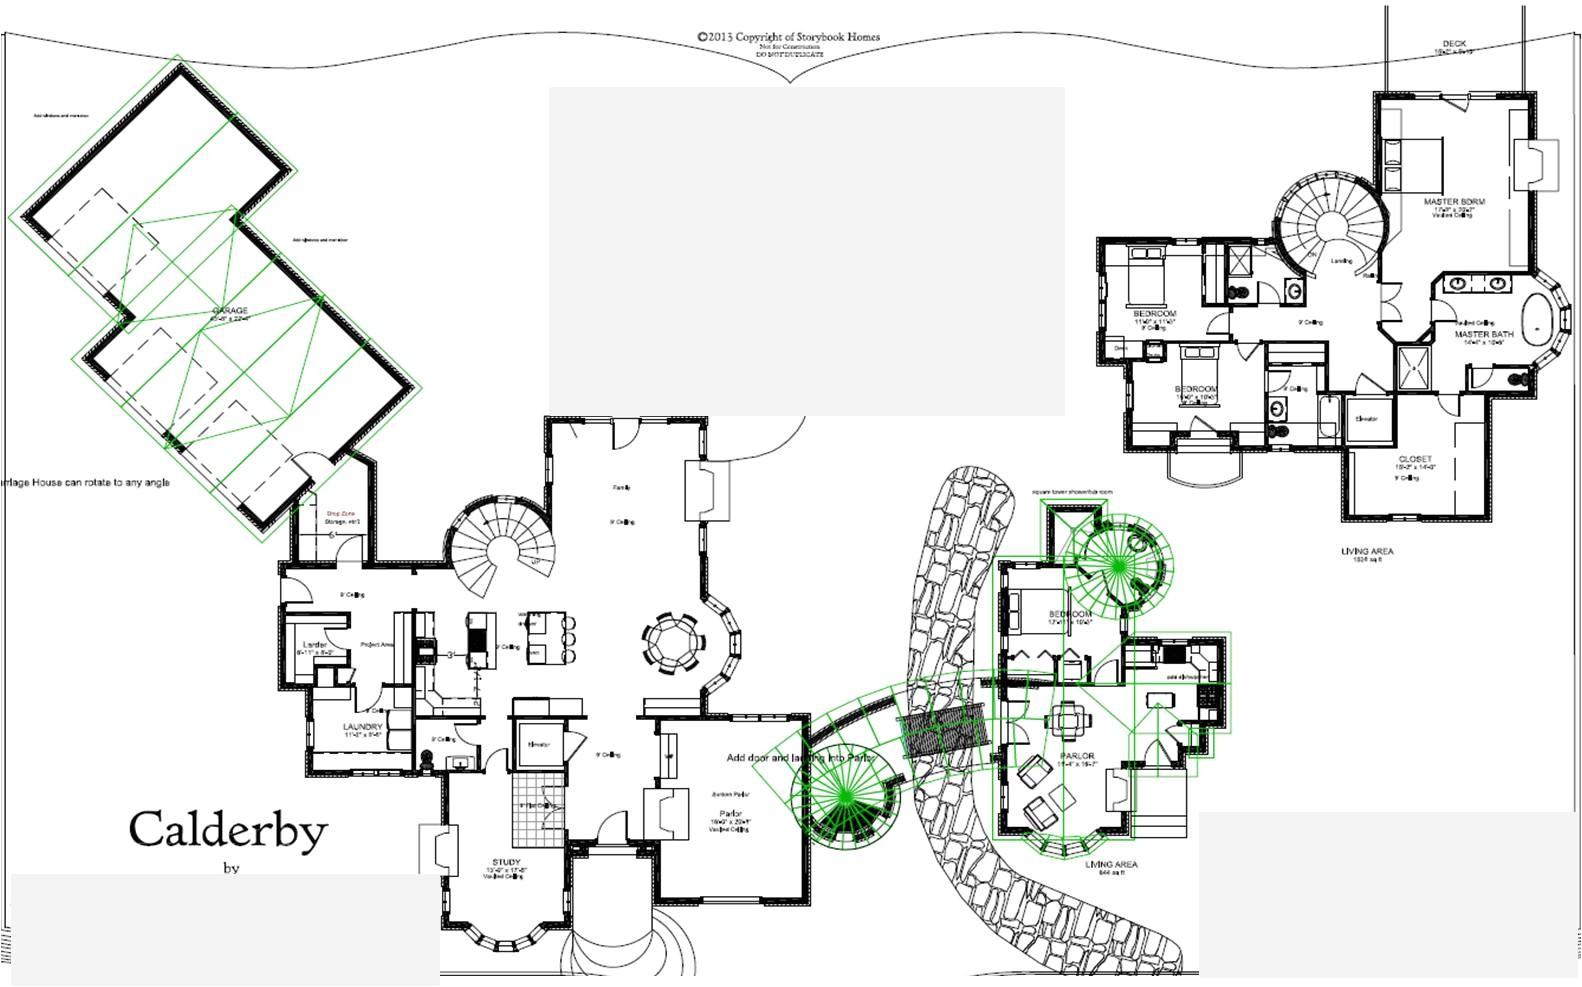 28 wonderful storybook homes floor plans